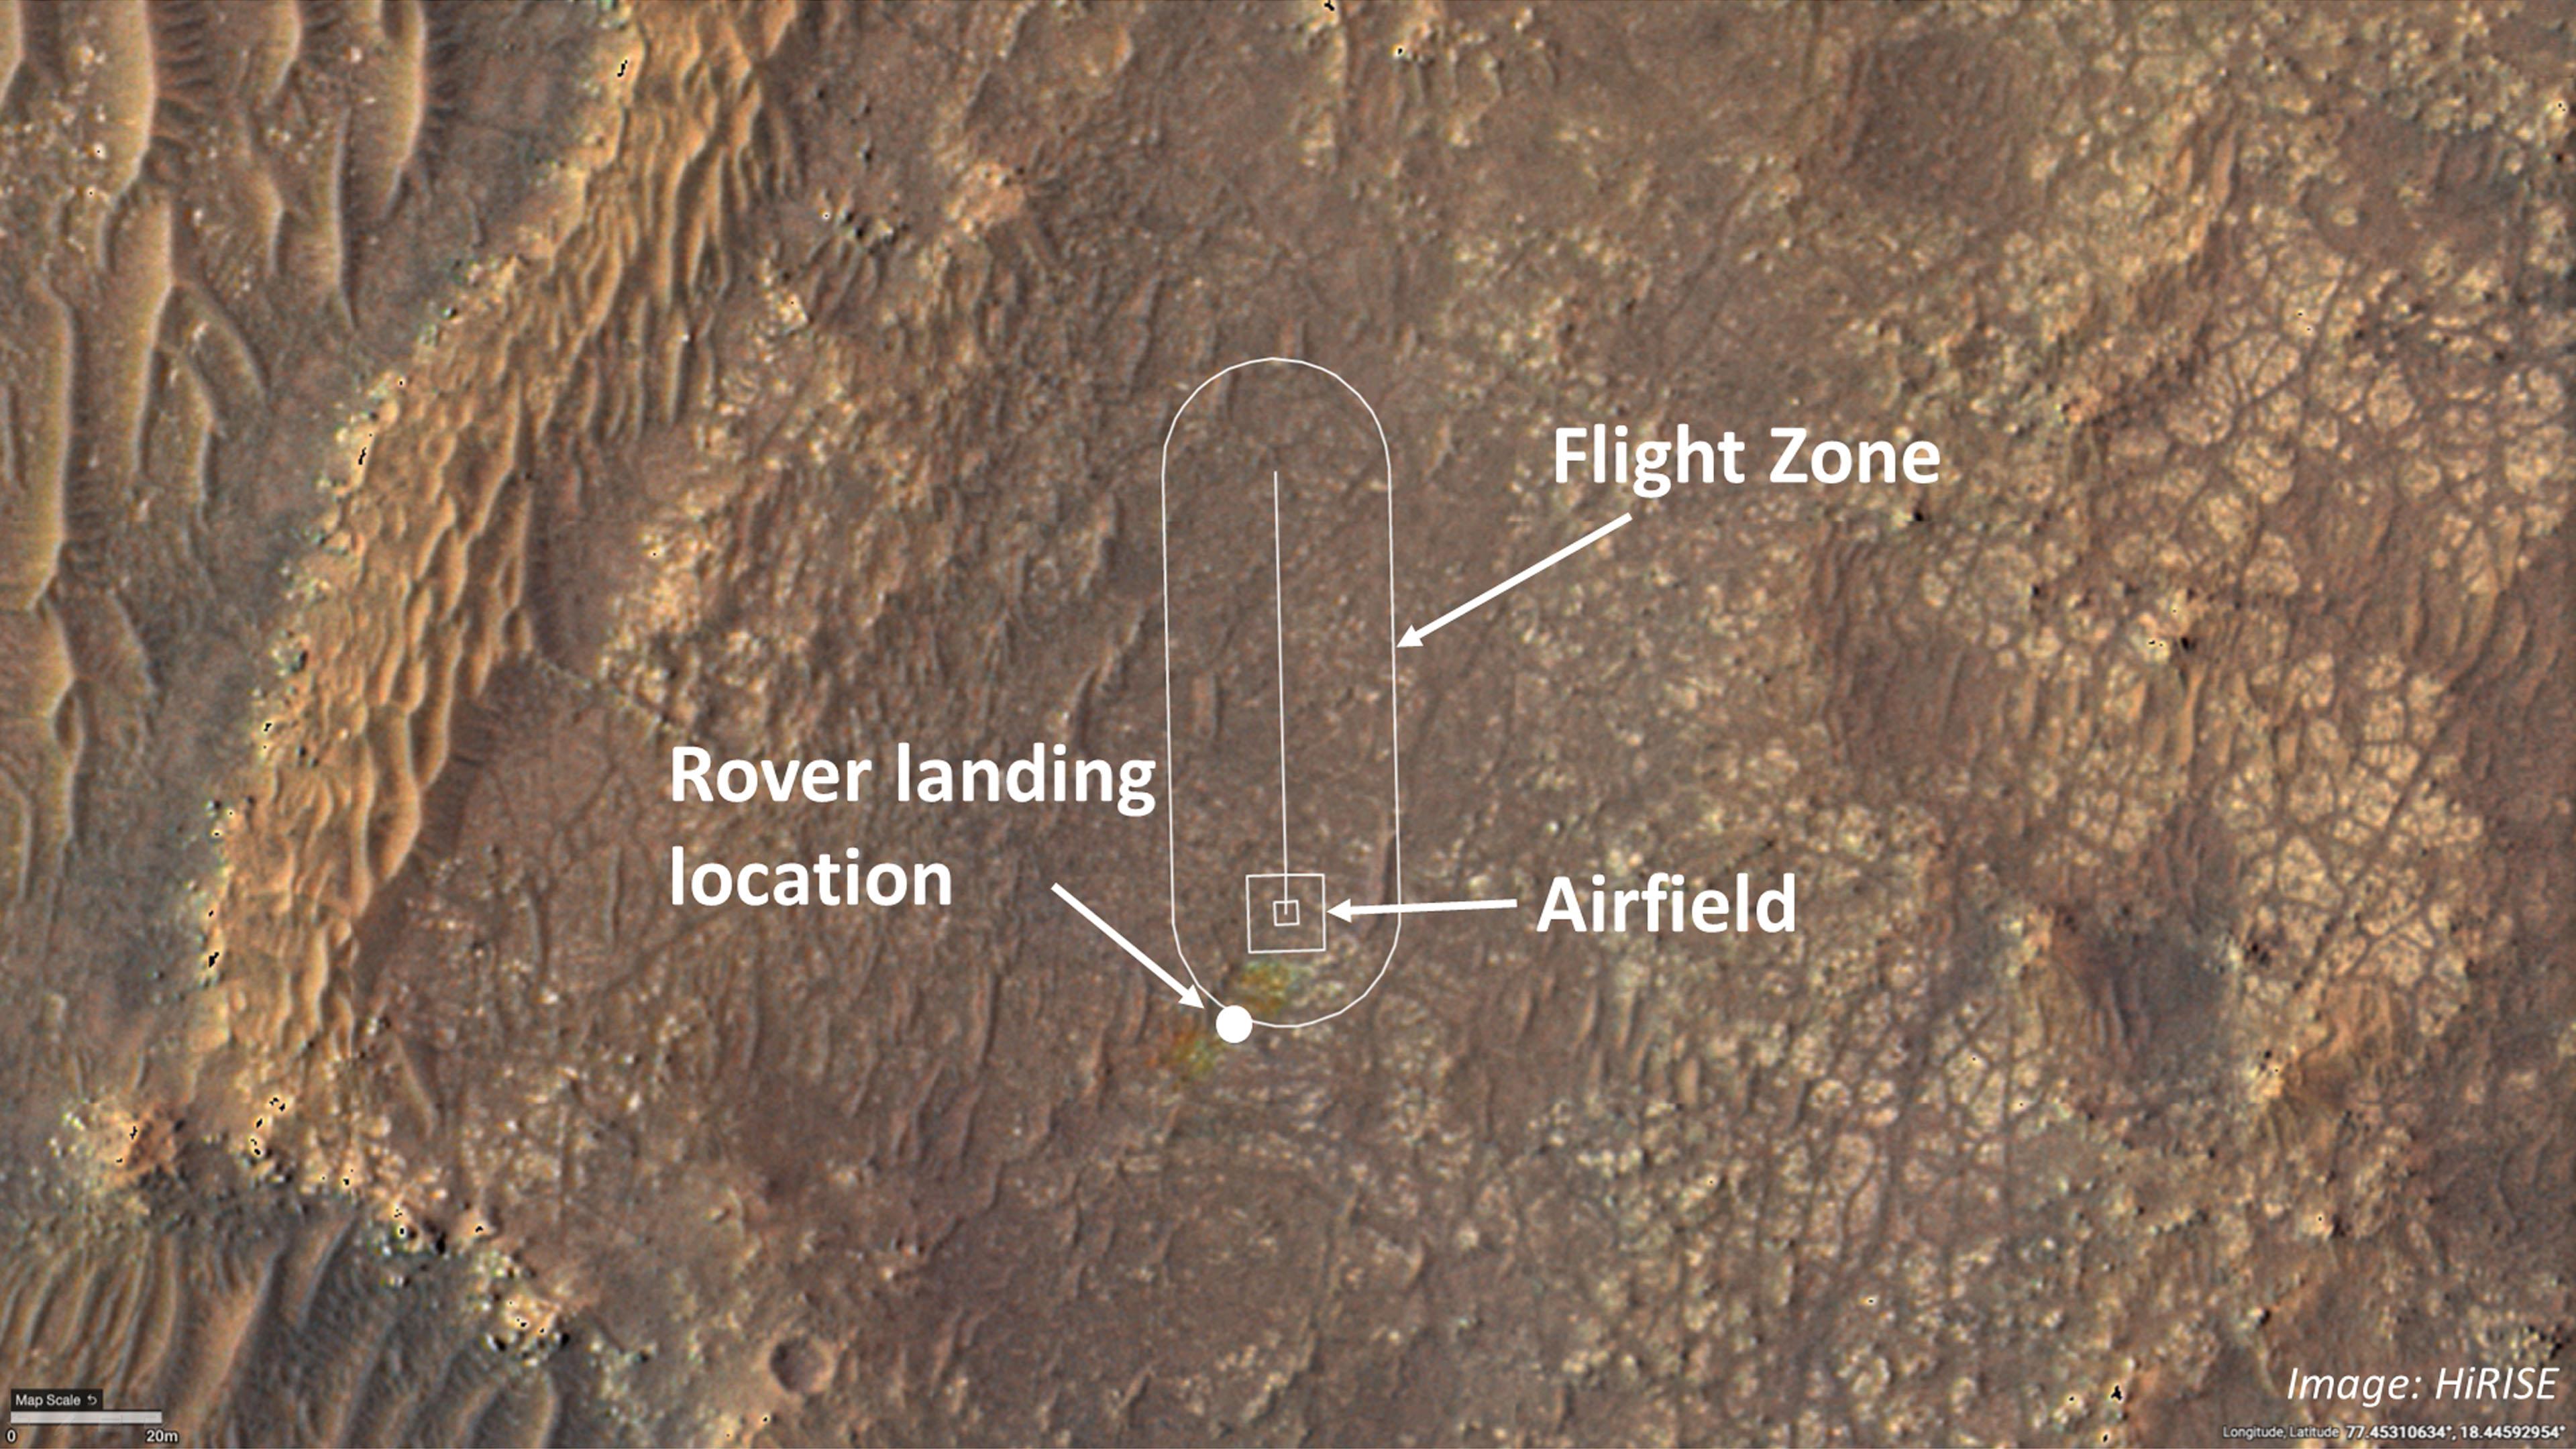 Cette image montre où l'équipe d'hélicoptères Ingenuity Mars de la NASA tentera ses vols d'essai.  Les ingénieurs hélicoptères ont ajouté les emplacements du site d'atterrissage du rover (également appelé «Octavia E. Butler Landing»), de l'aérodrome (la zone où l'hélicoptère décollera et reviendra) et de la zone de vol (la zone dans laquelle il volera. ) sur une image prise par la caméra HiRISE (High Resolution Imaging Experiment) à bord de Mars Reconnaissance Orbiter de la NASA.